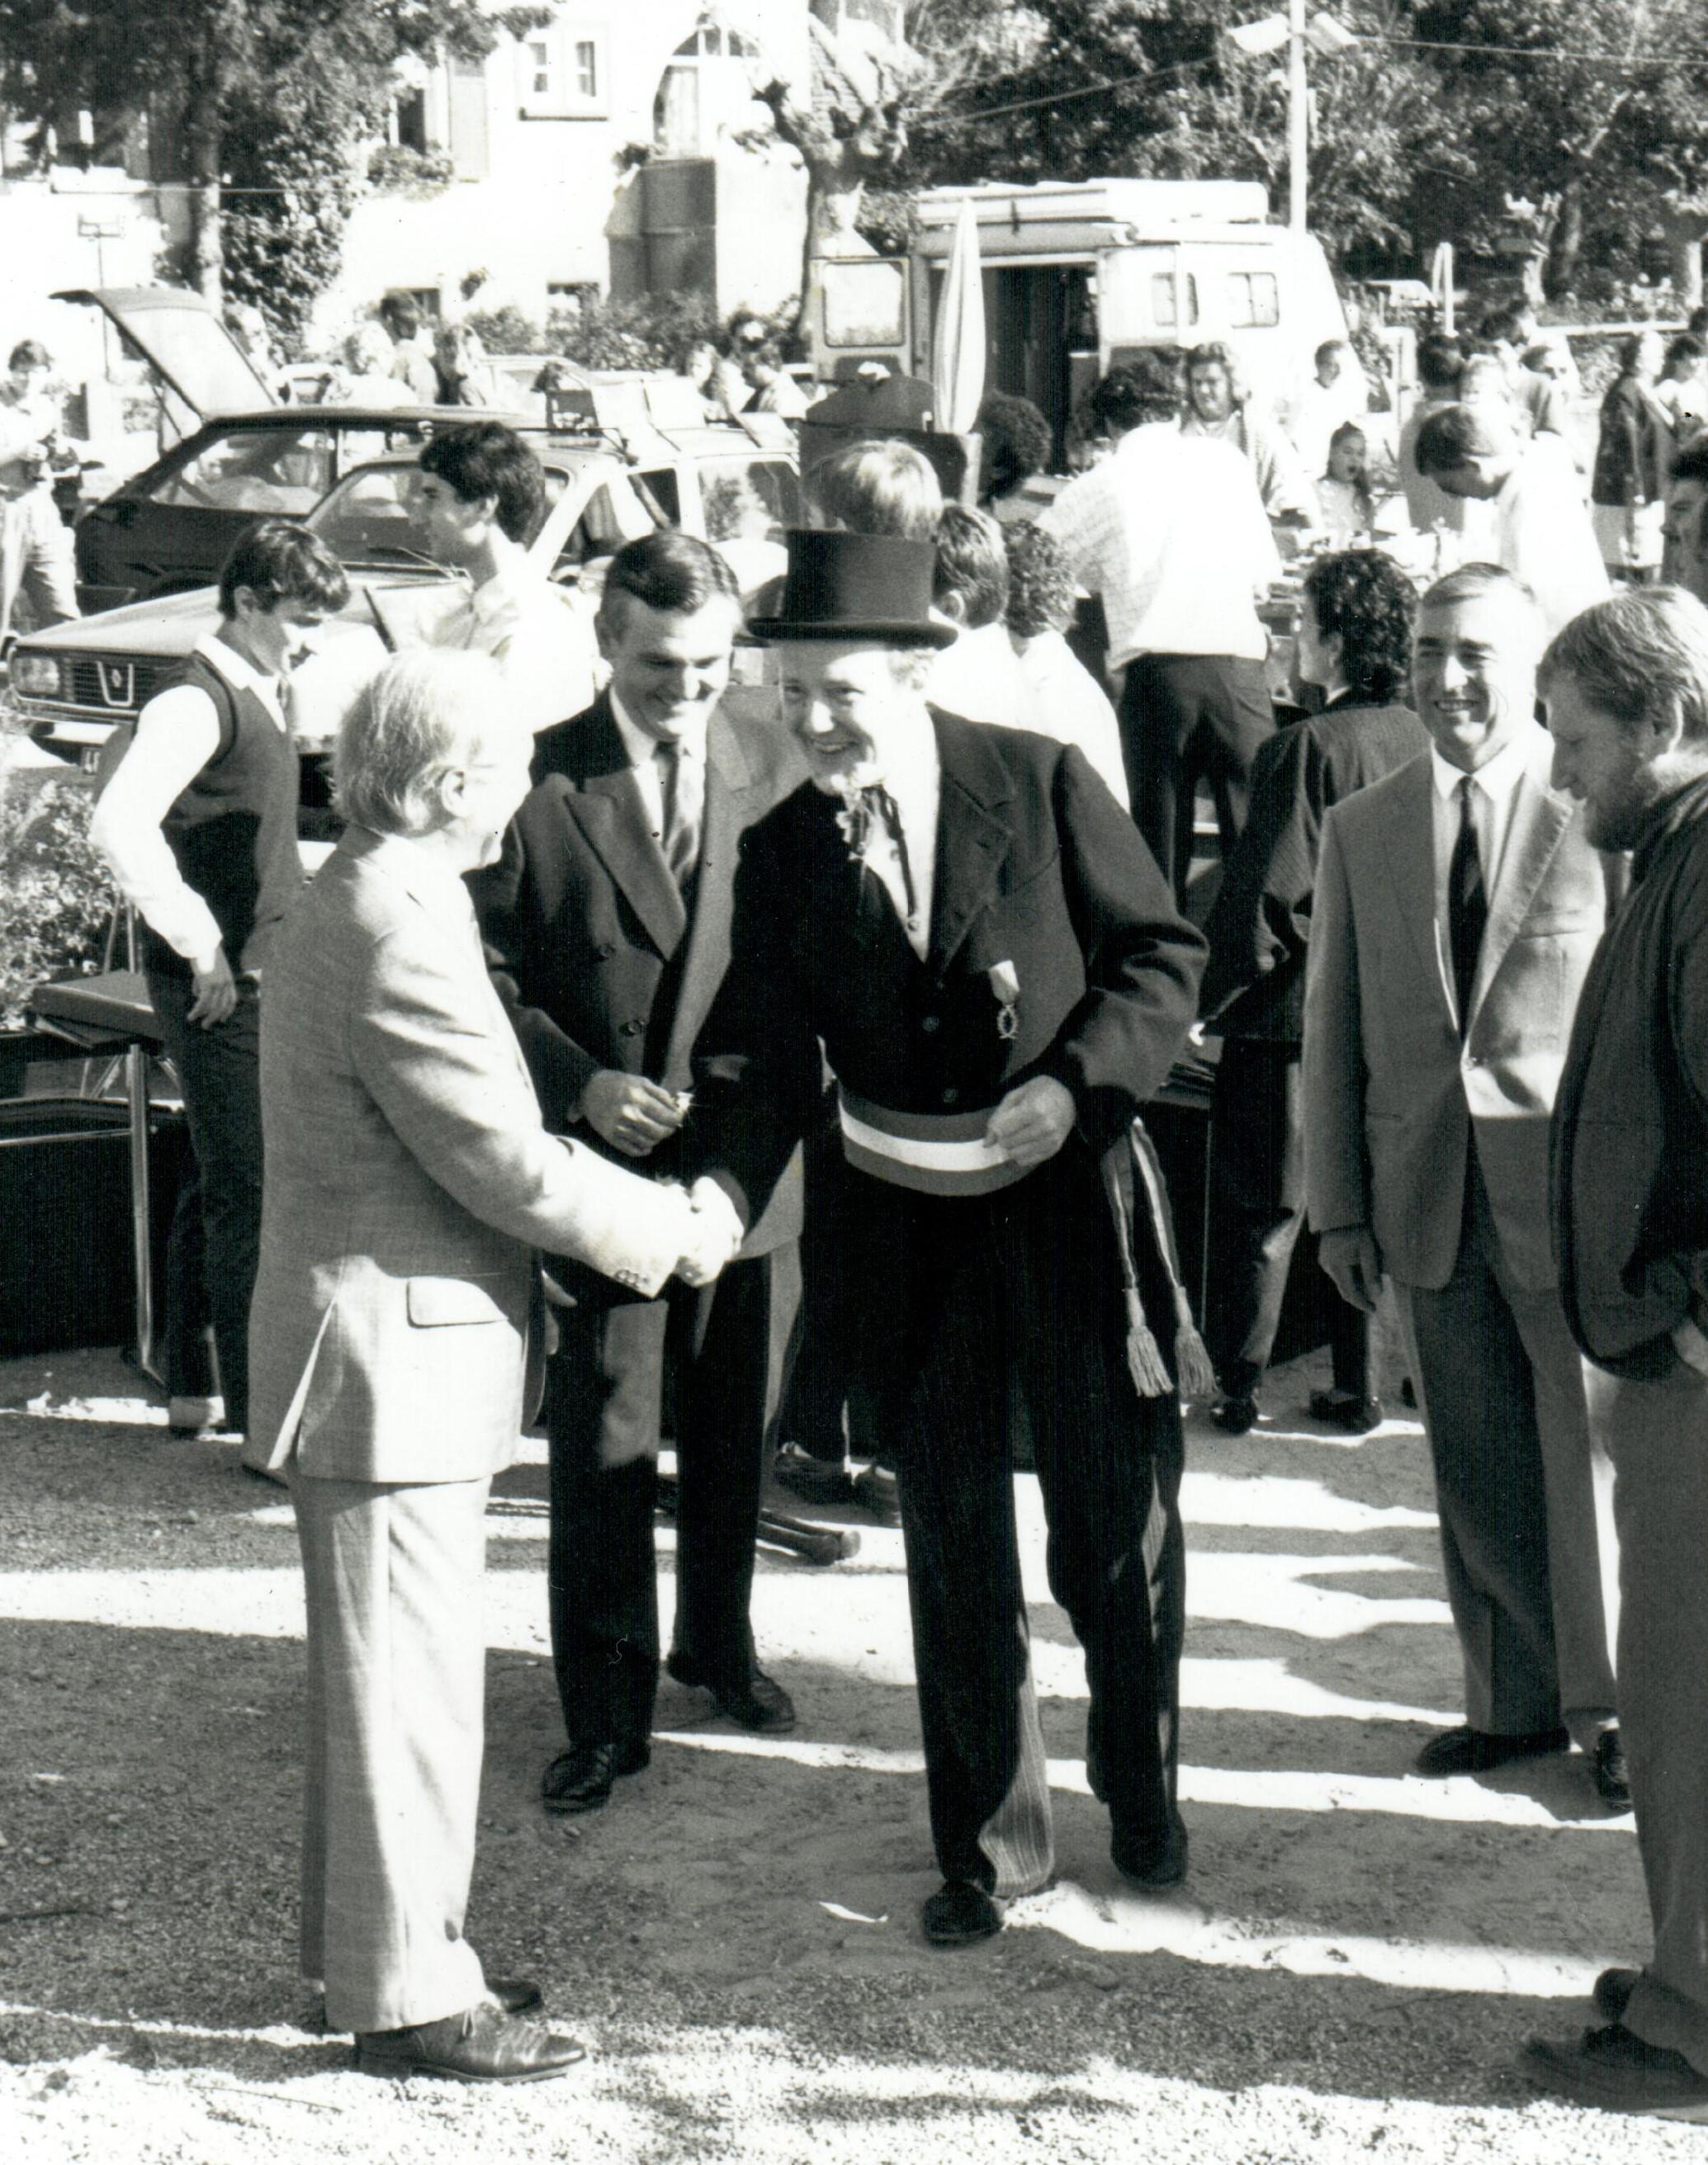 1989-09-17 - René ARNOLD - 150ème anniversaire de la ligne de chemin de fer Mulhouse Thann.jpg